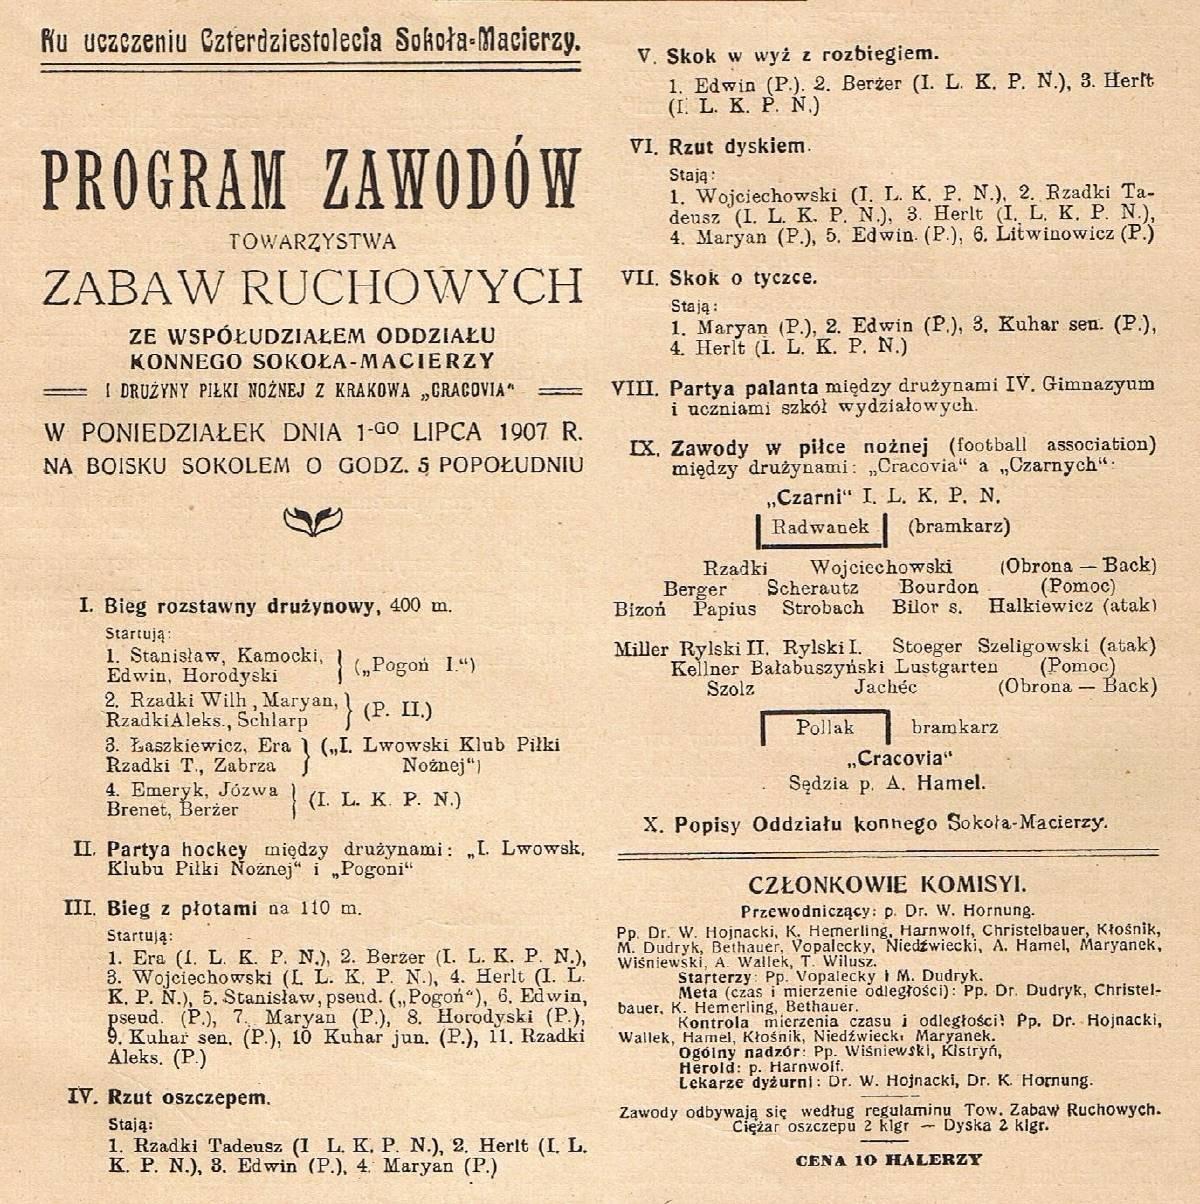 Program zawodów sportowych, wktórychjednym zgłównych punktów był mecz piłkarski. Takie rozpisanie pozycji zawodników było wtedy nowością; źródło: wikipasy.pl